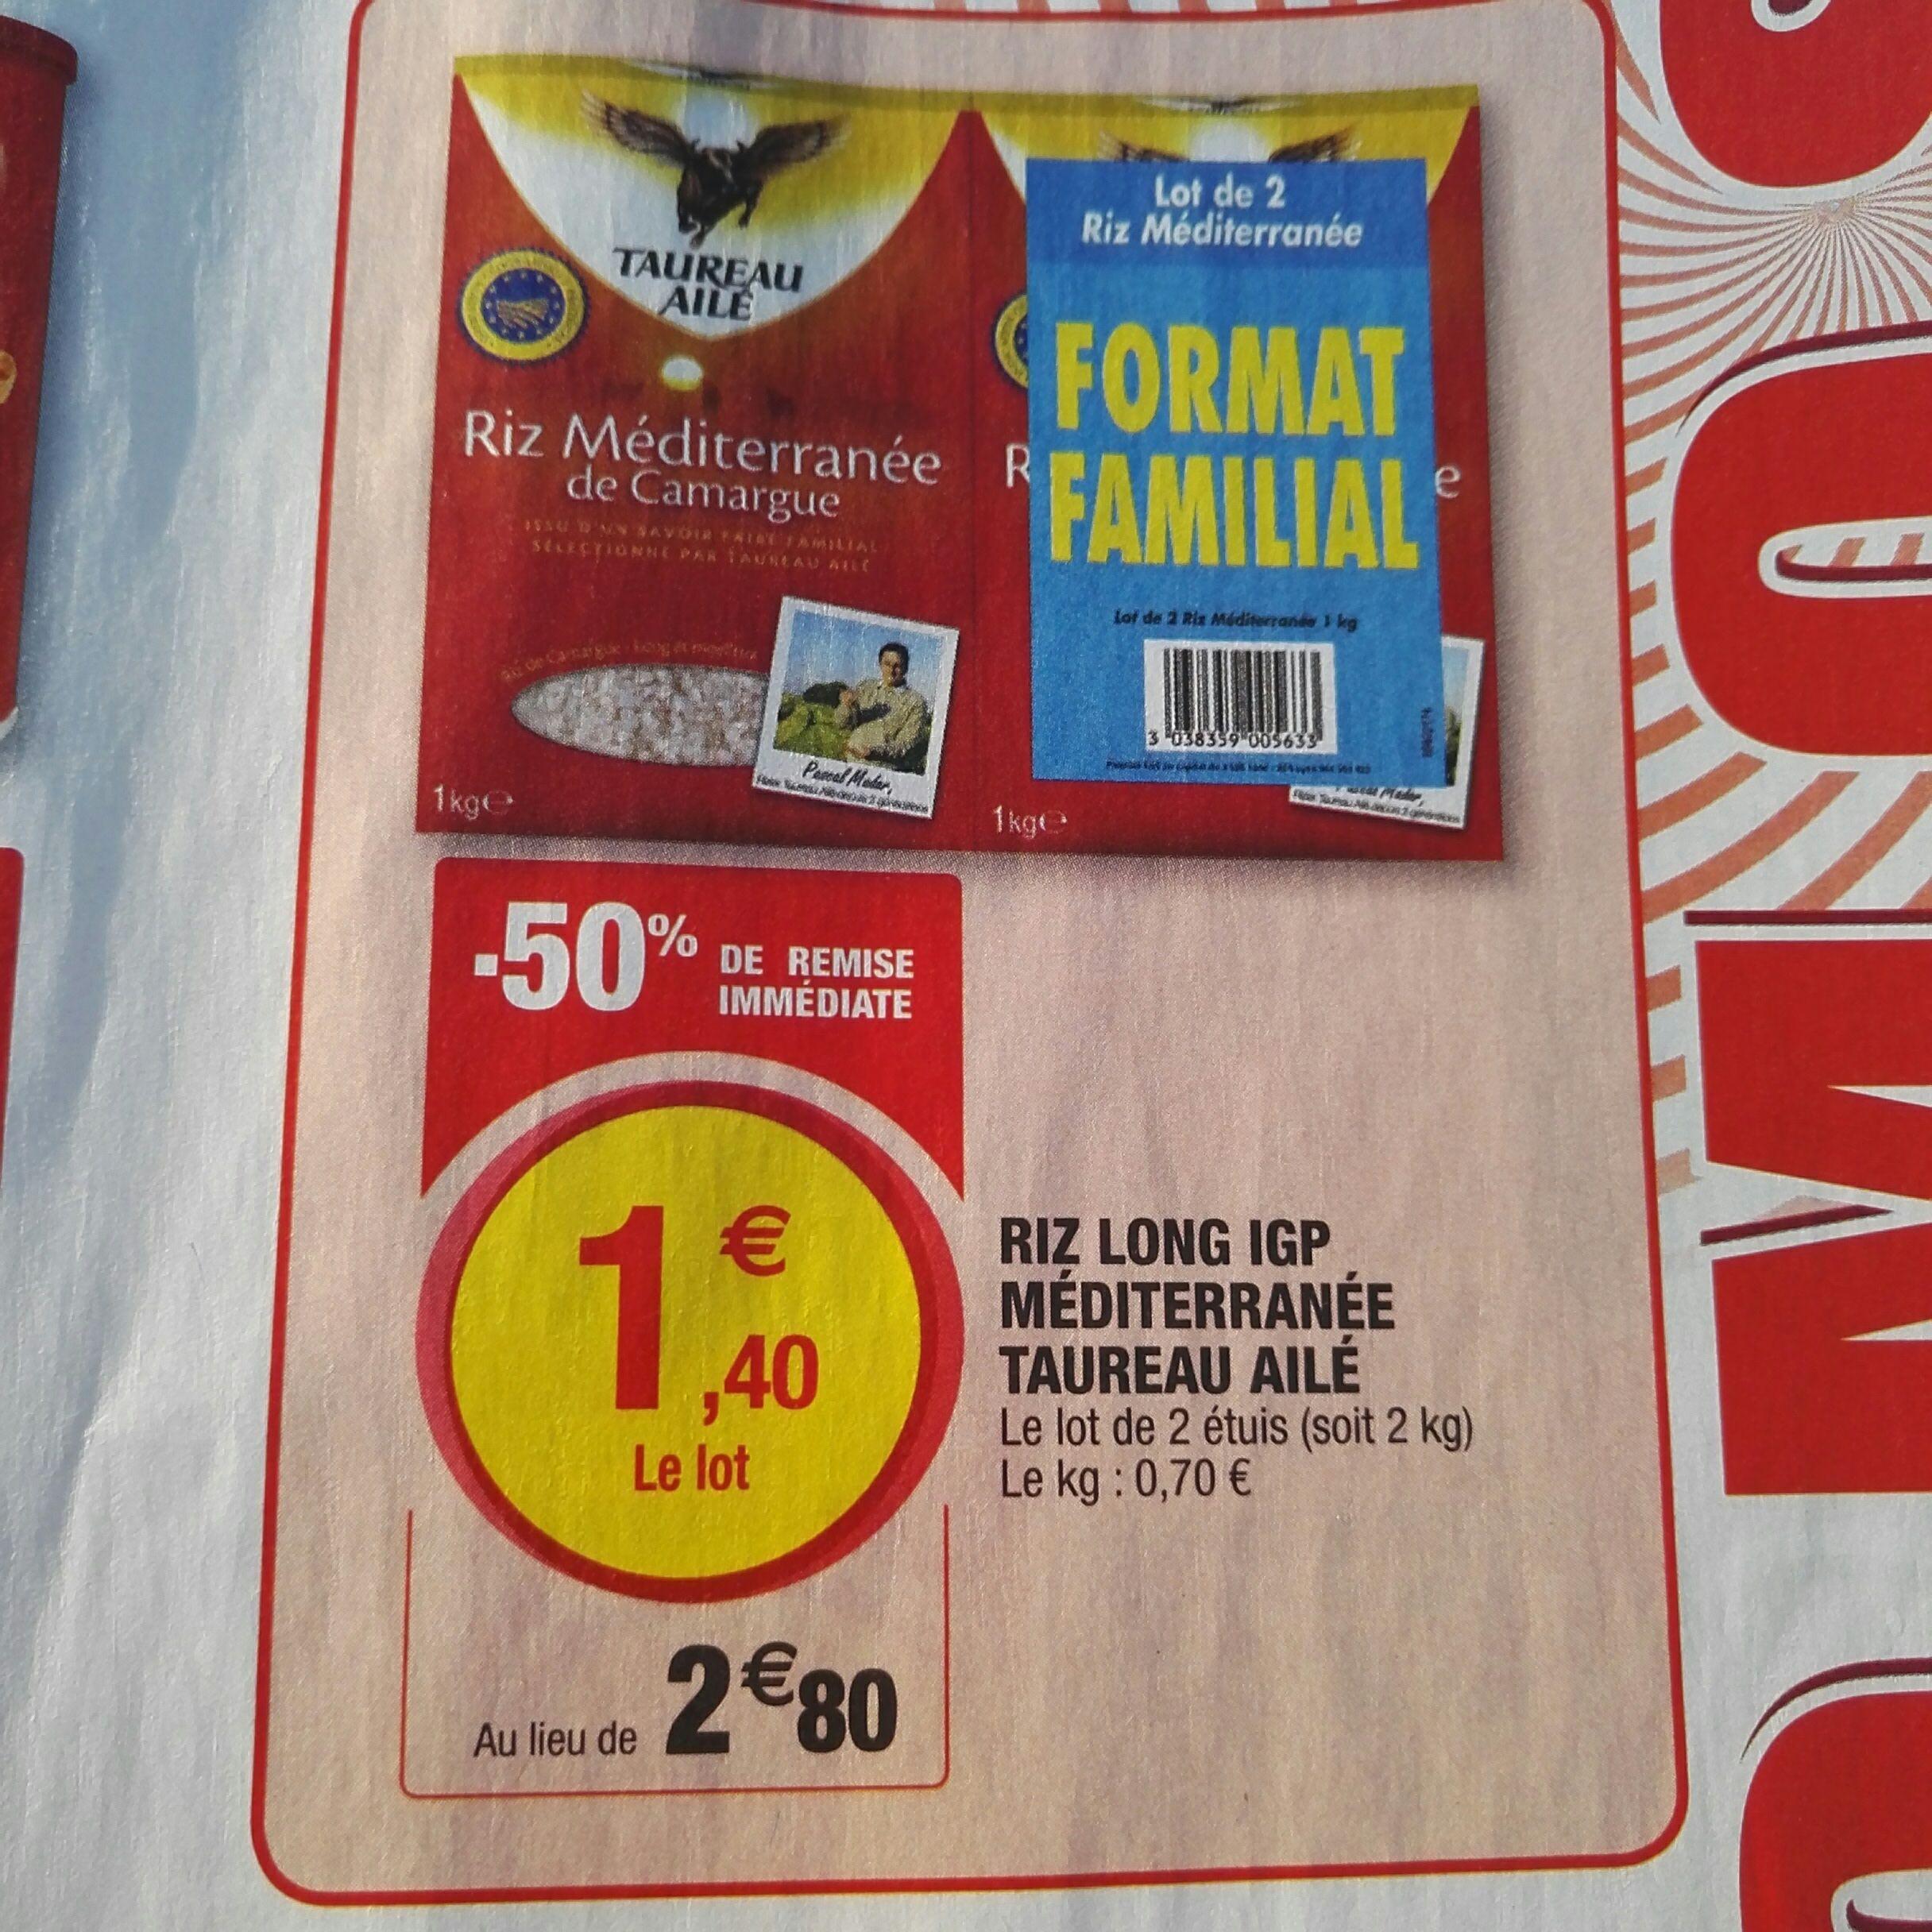 Lot de 2 paquets de riz long Méditerranée de Camargue Taureau Ailé - 2x1kg